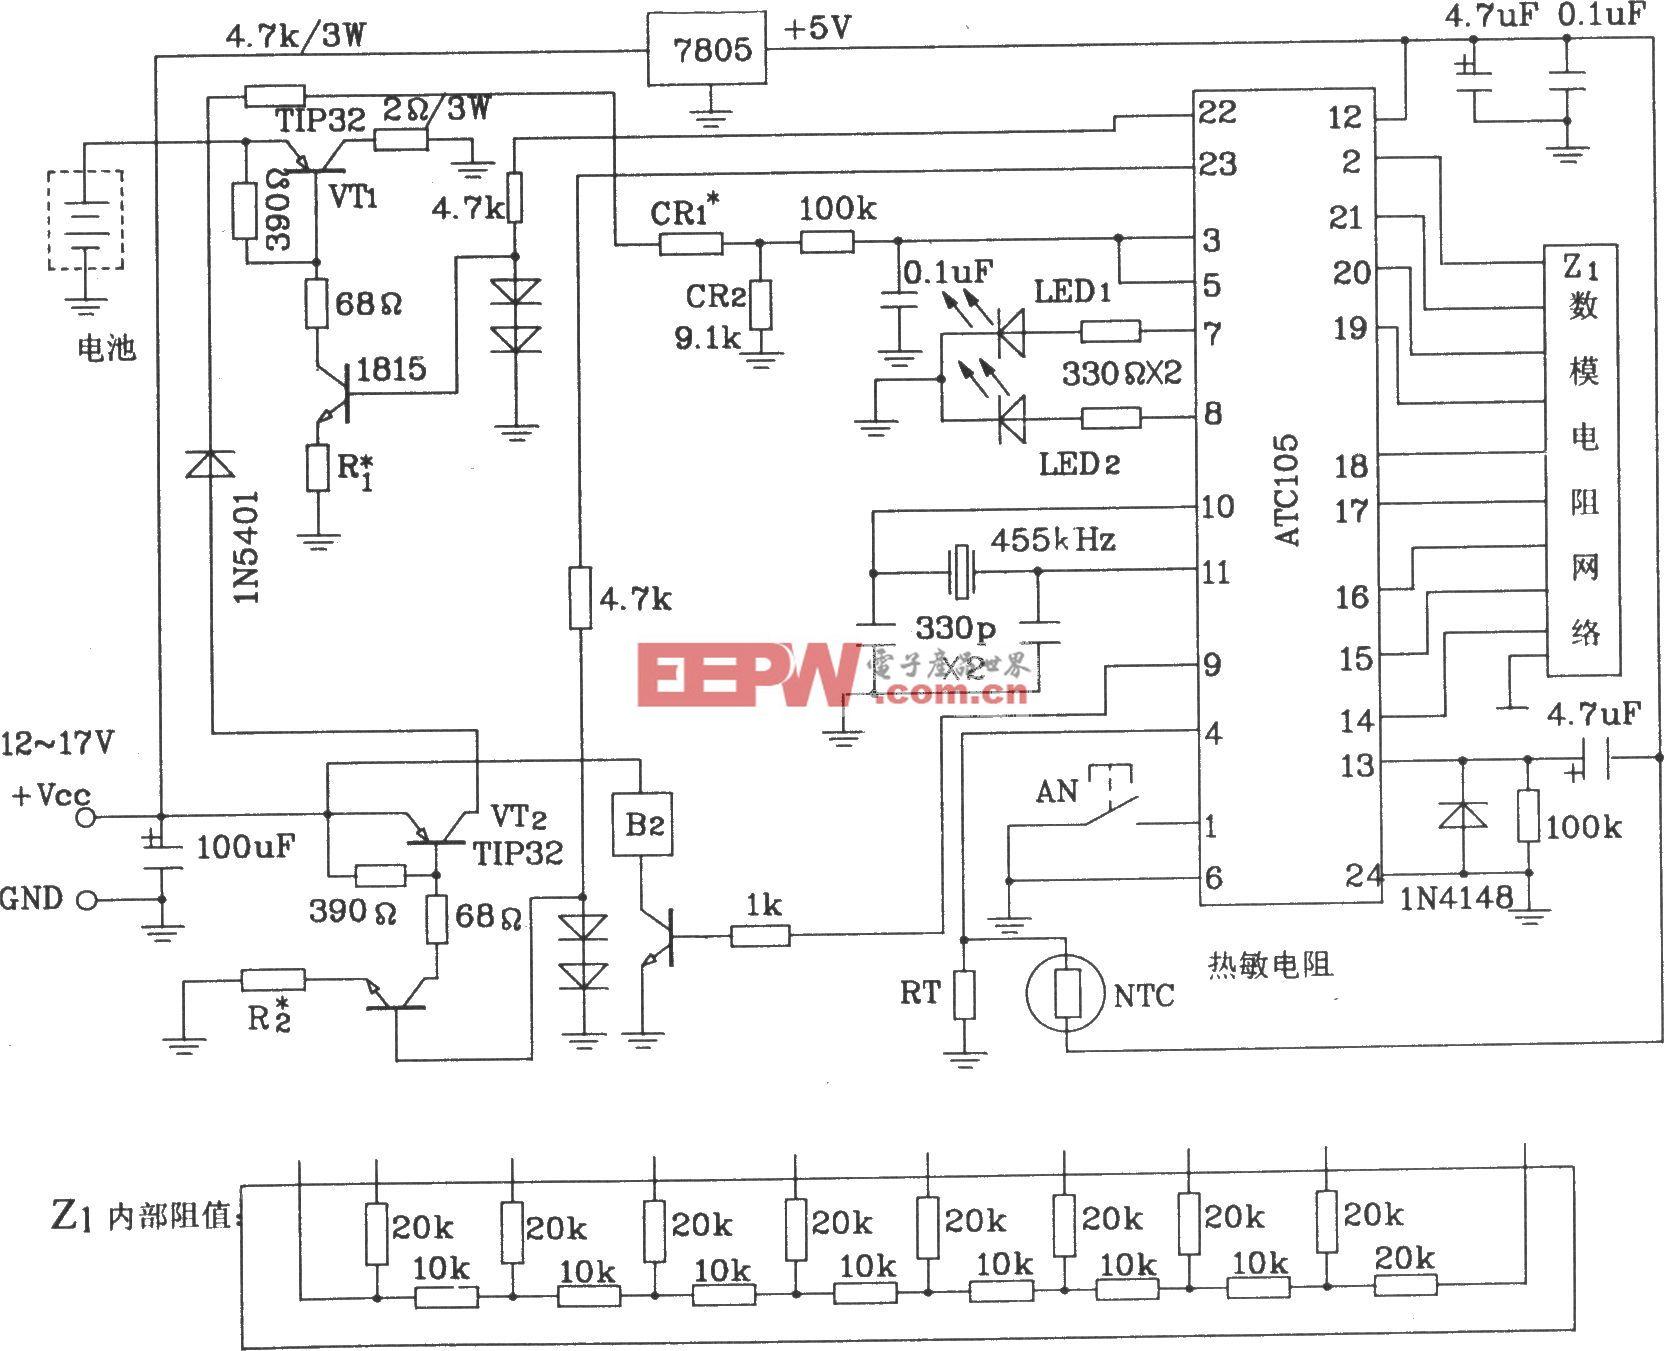 由ATC105智能型镍镉电池充电控制集成电路构成的智能充电典型电路